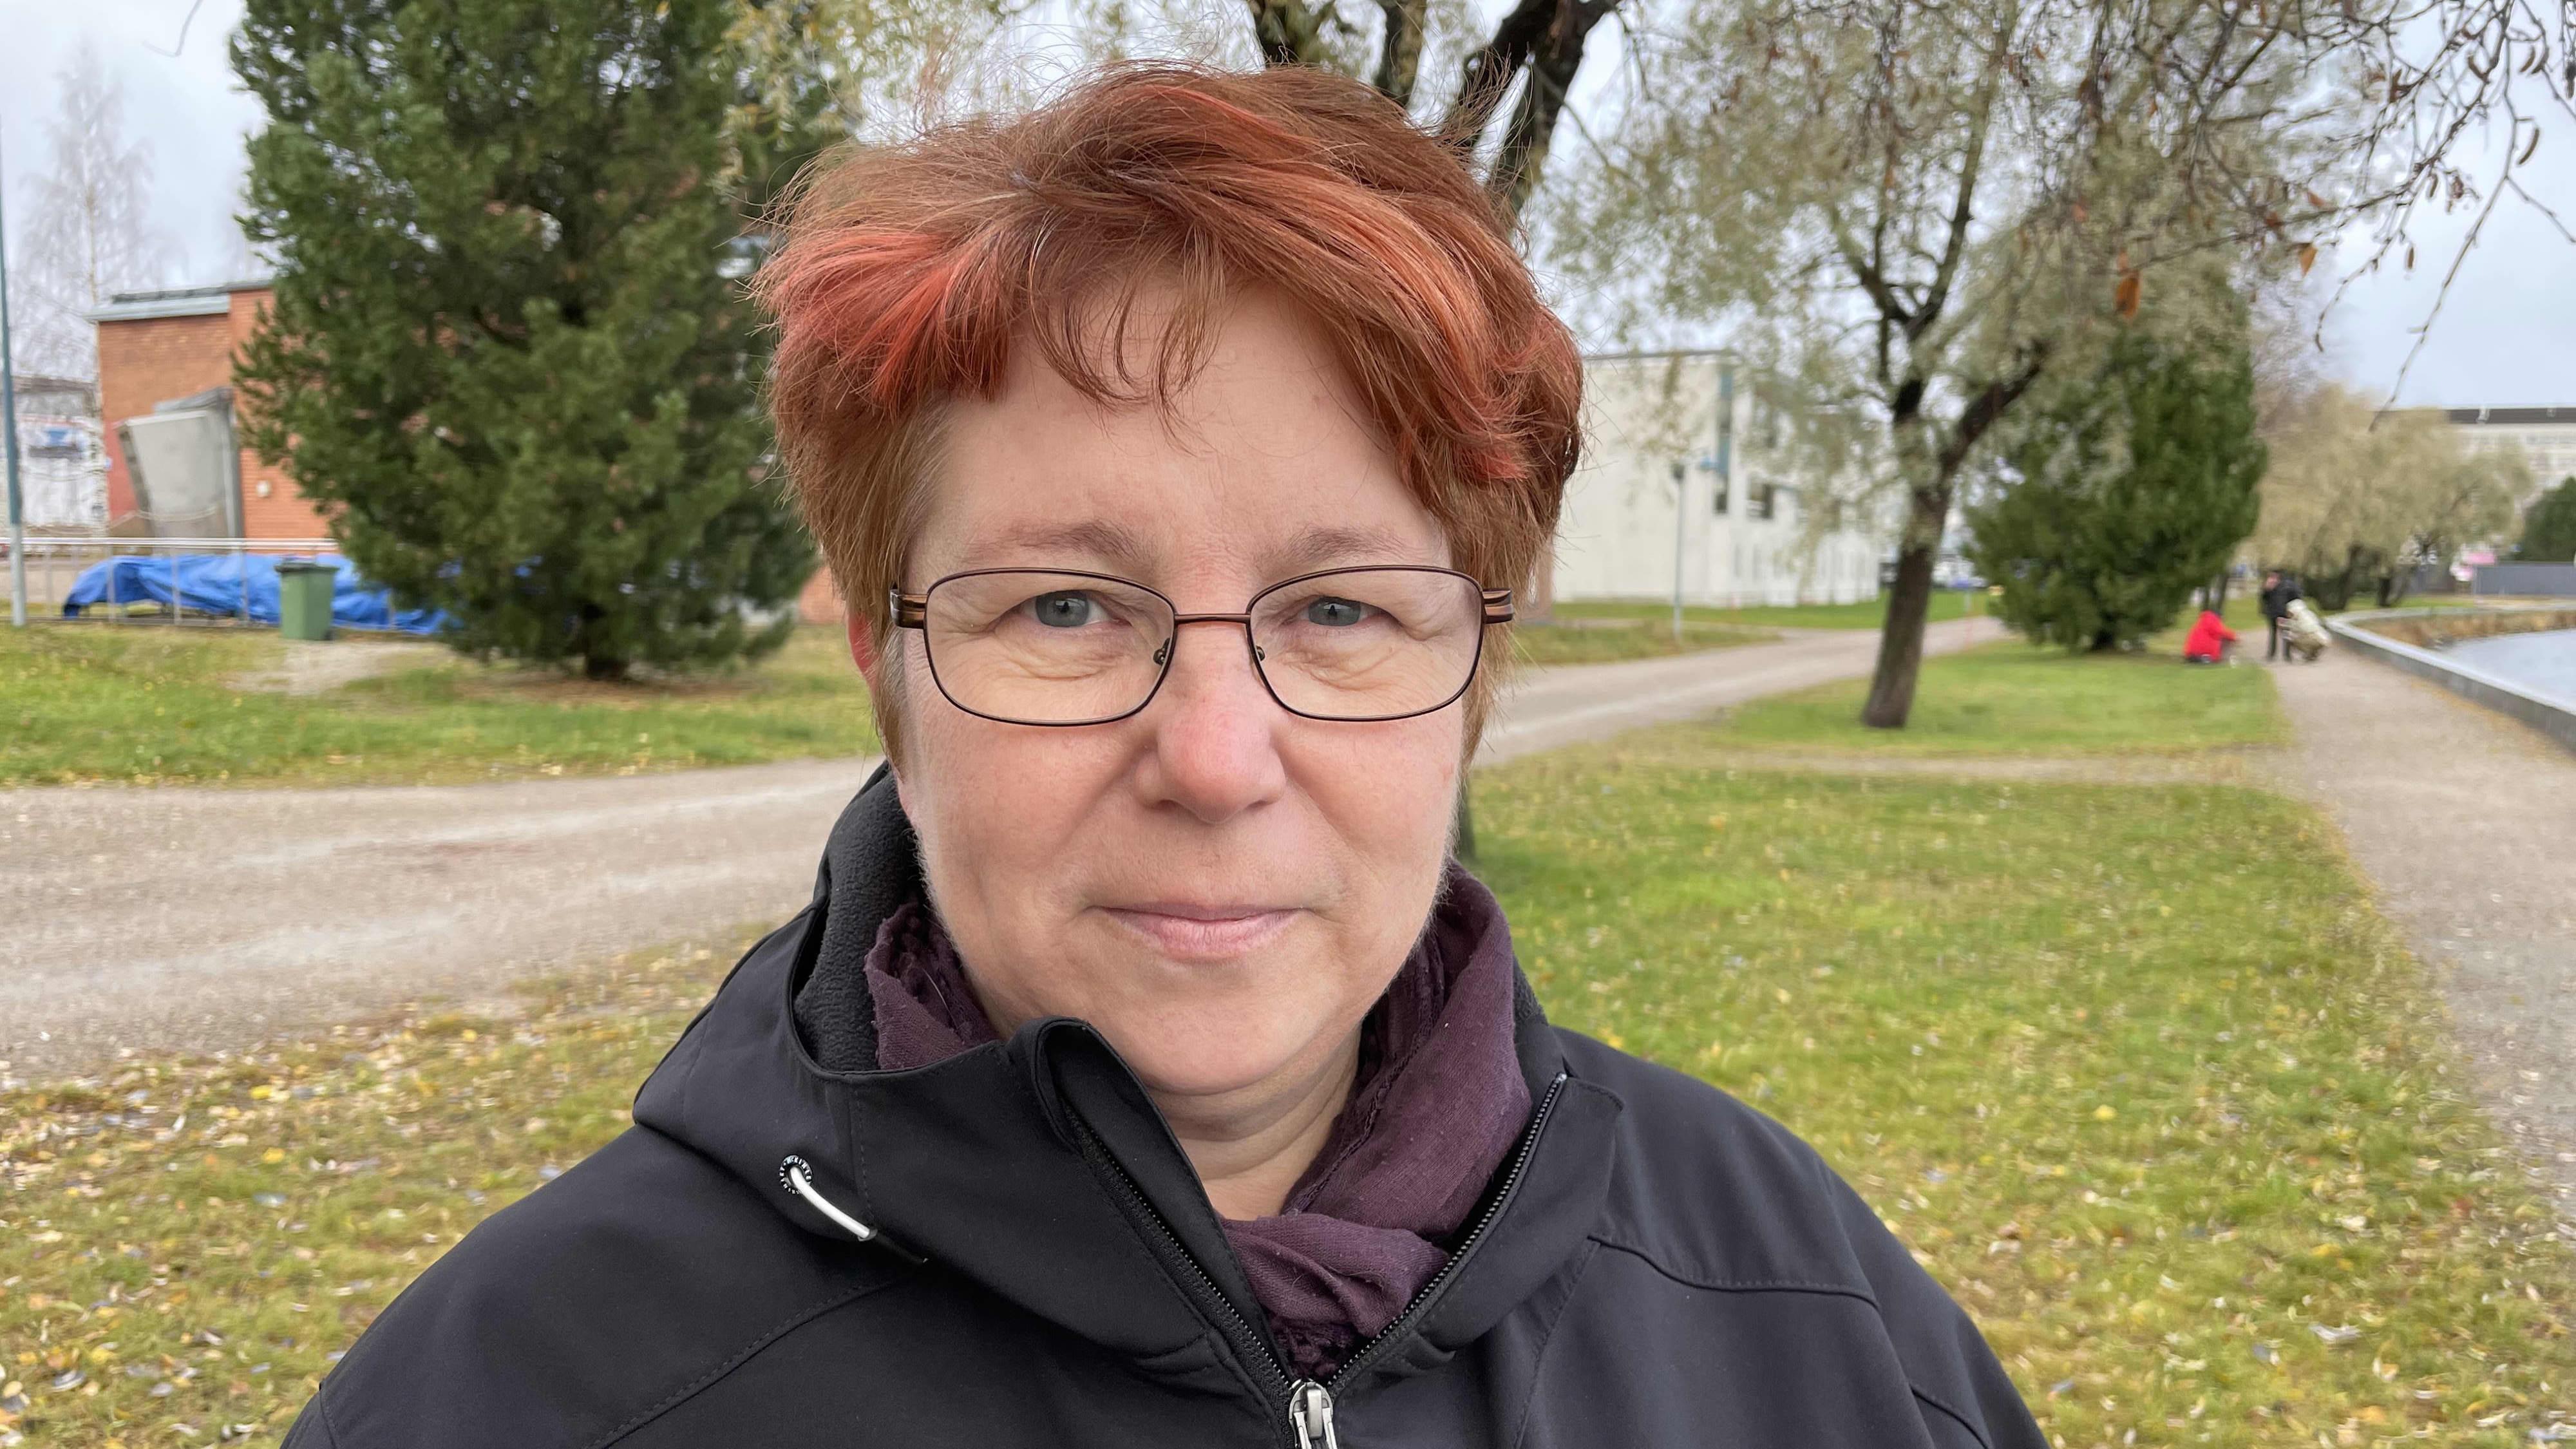 Mari-Ann Roth valmistuu hoitoalalle, vaikka ala ei kiinnostanut häntä ensin yhtään – uudelleen kouluttautuminen on keino korjata Kainuun työvoimapulaa, mutta se yksin ei riitä